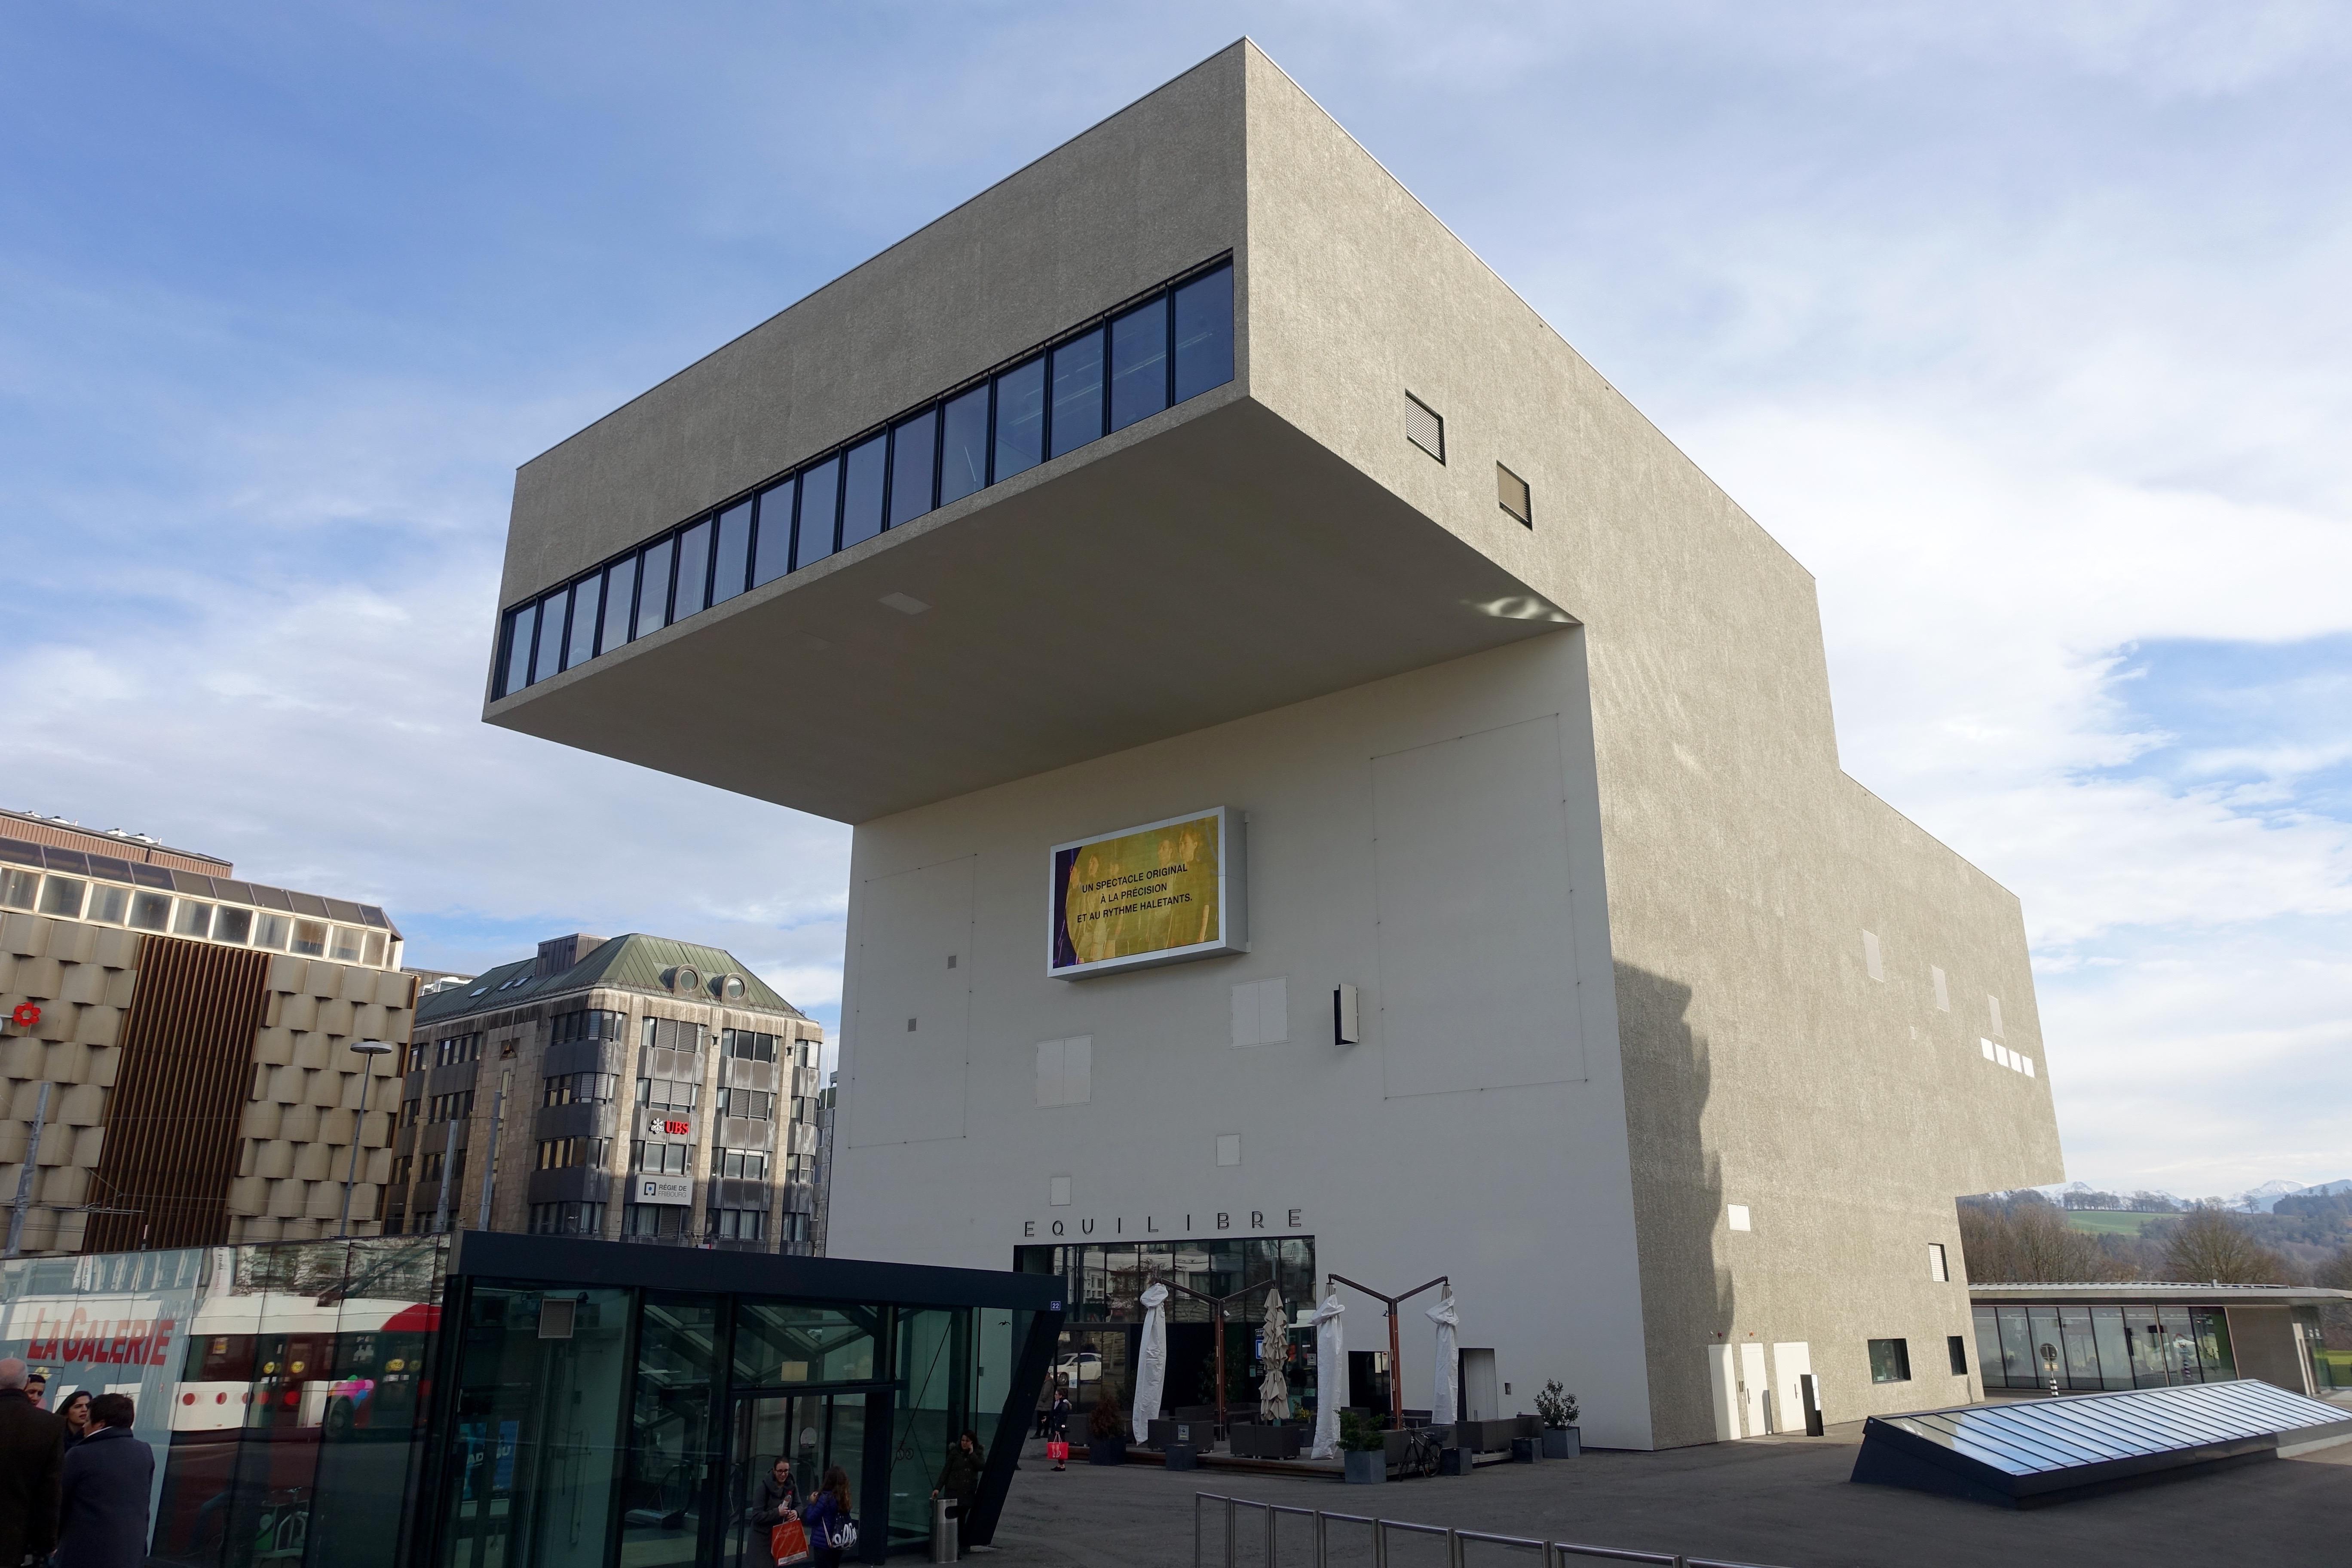 Das Gastspielhaus Equilibre im Stadtzentrum.